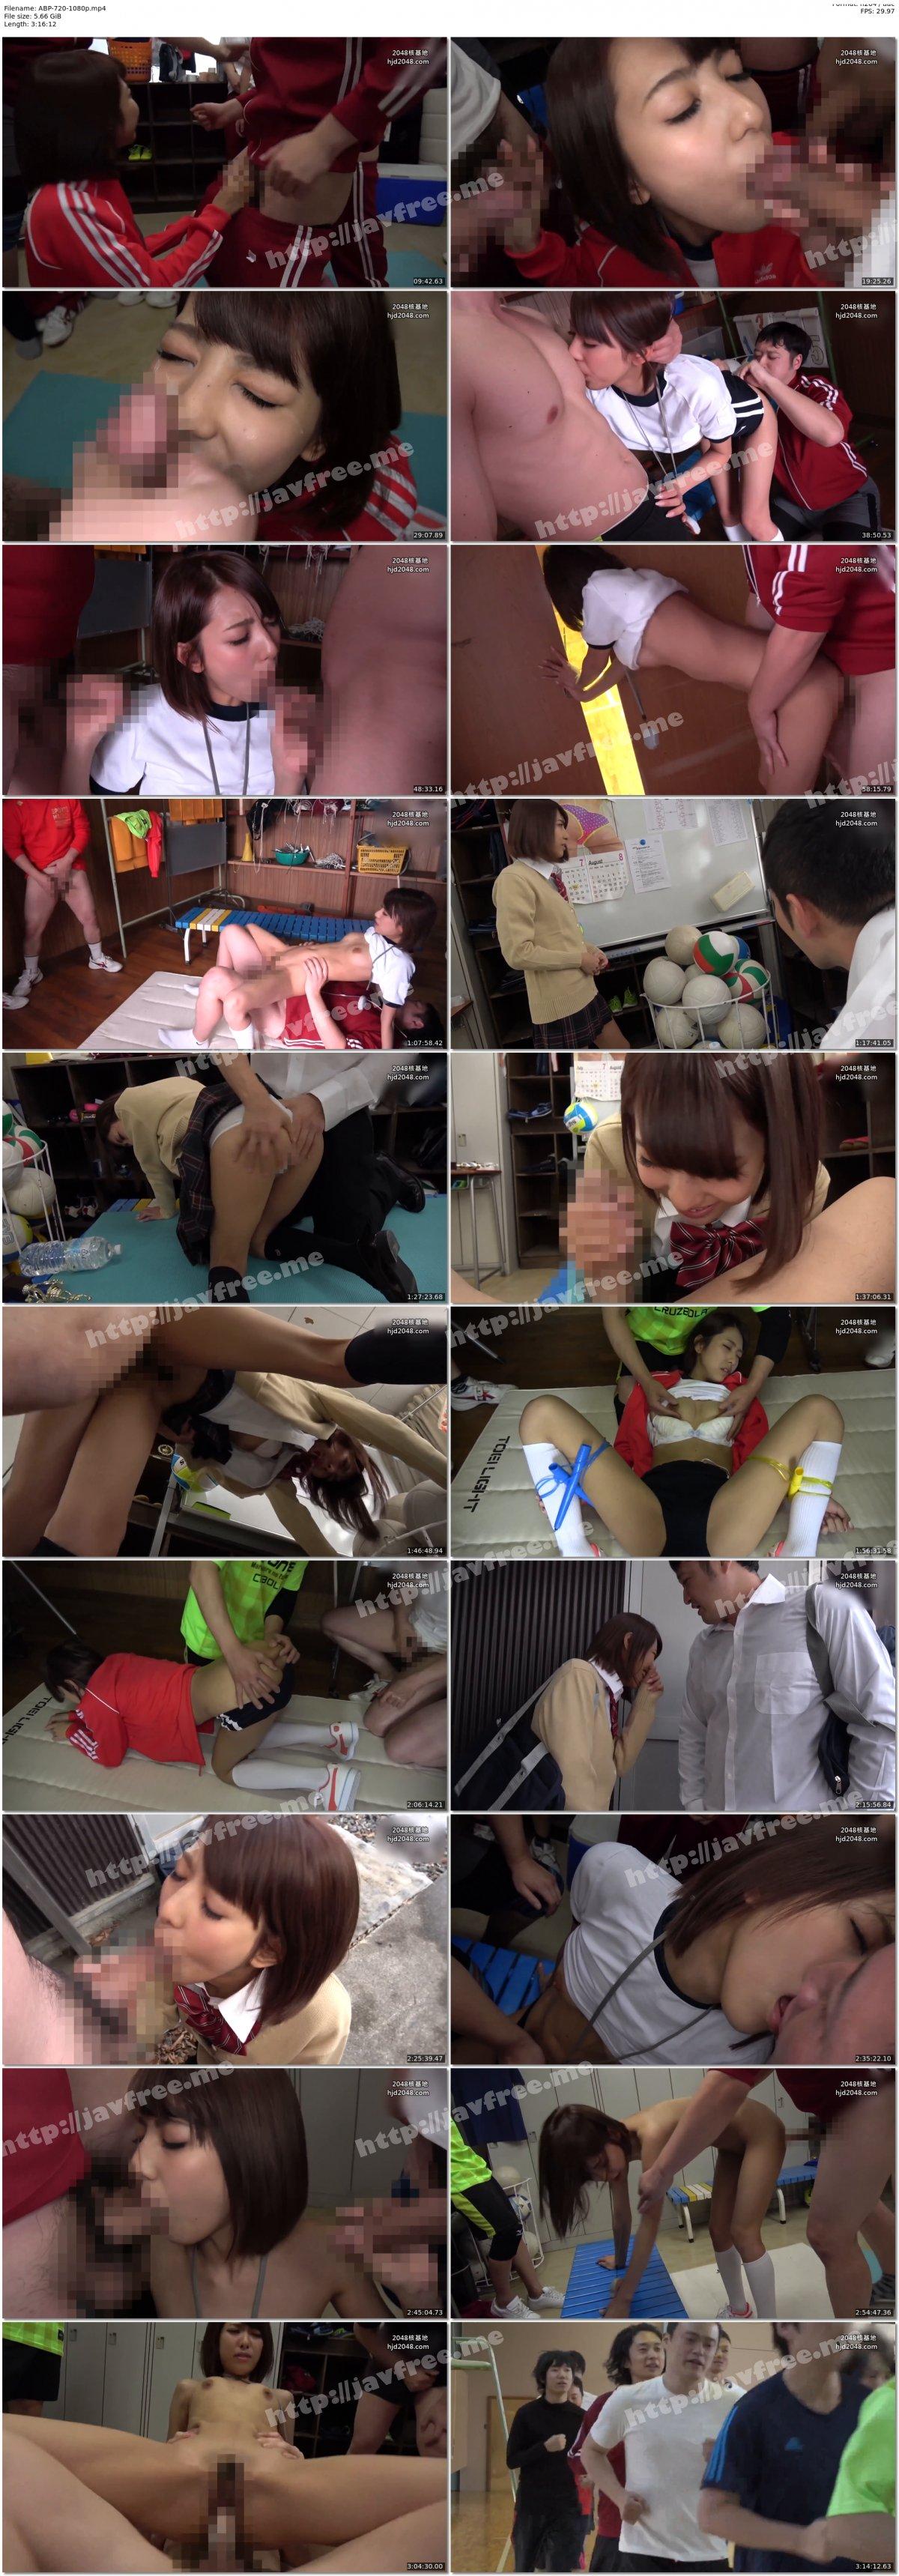 [HD][ABP-720] 女子マネージャーは、僕達の性処理ペット。 028 春咲りょう - image ABP-720-1080p on https://javfree.me